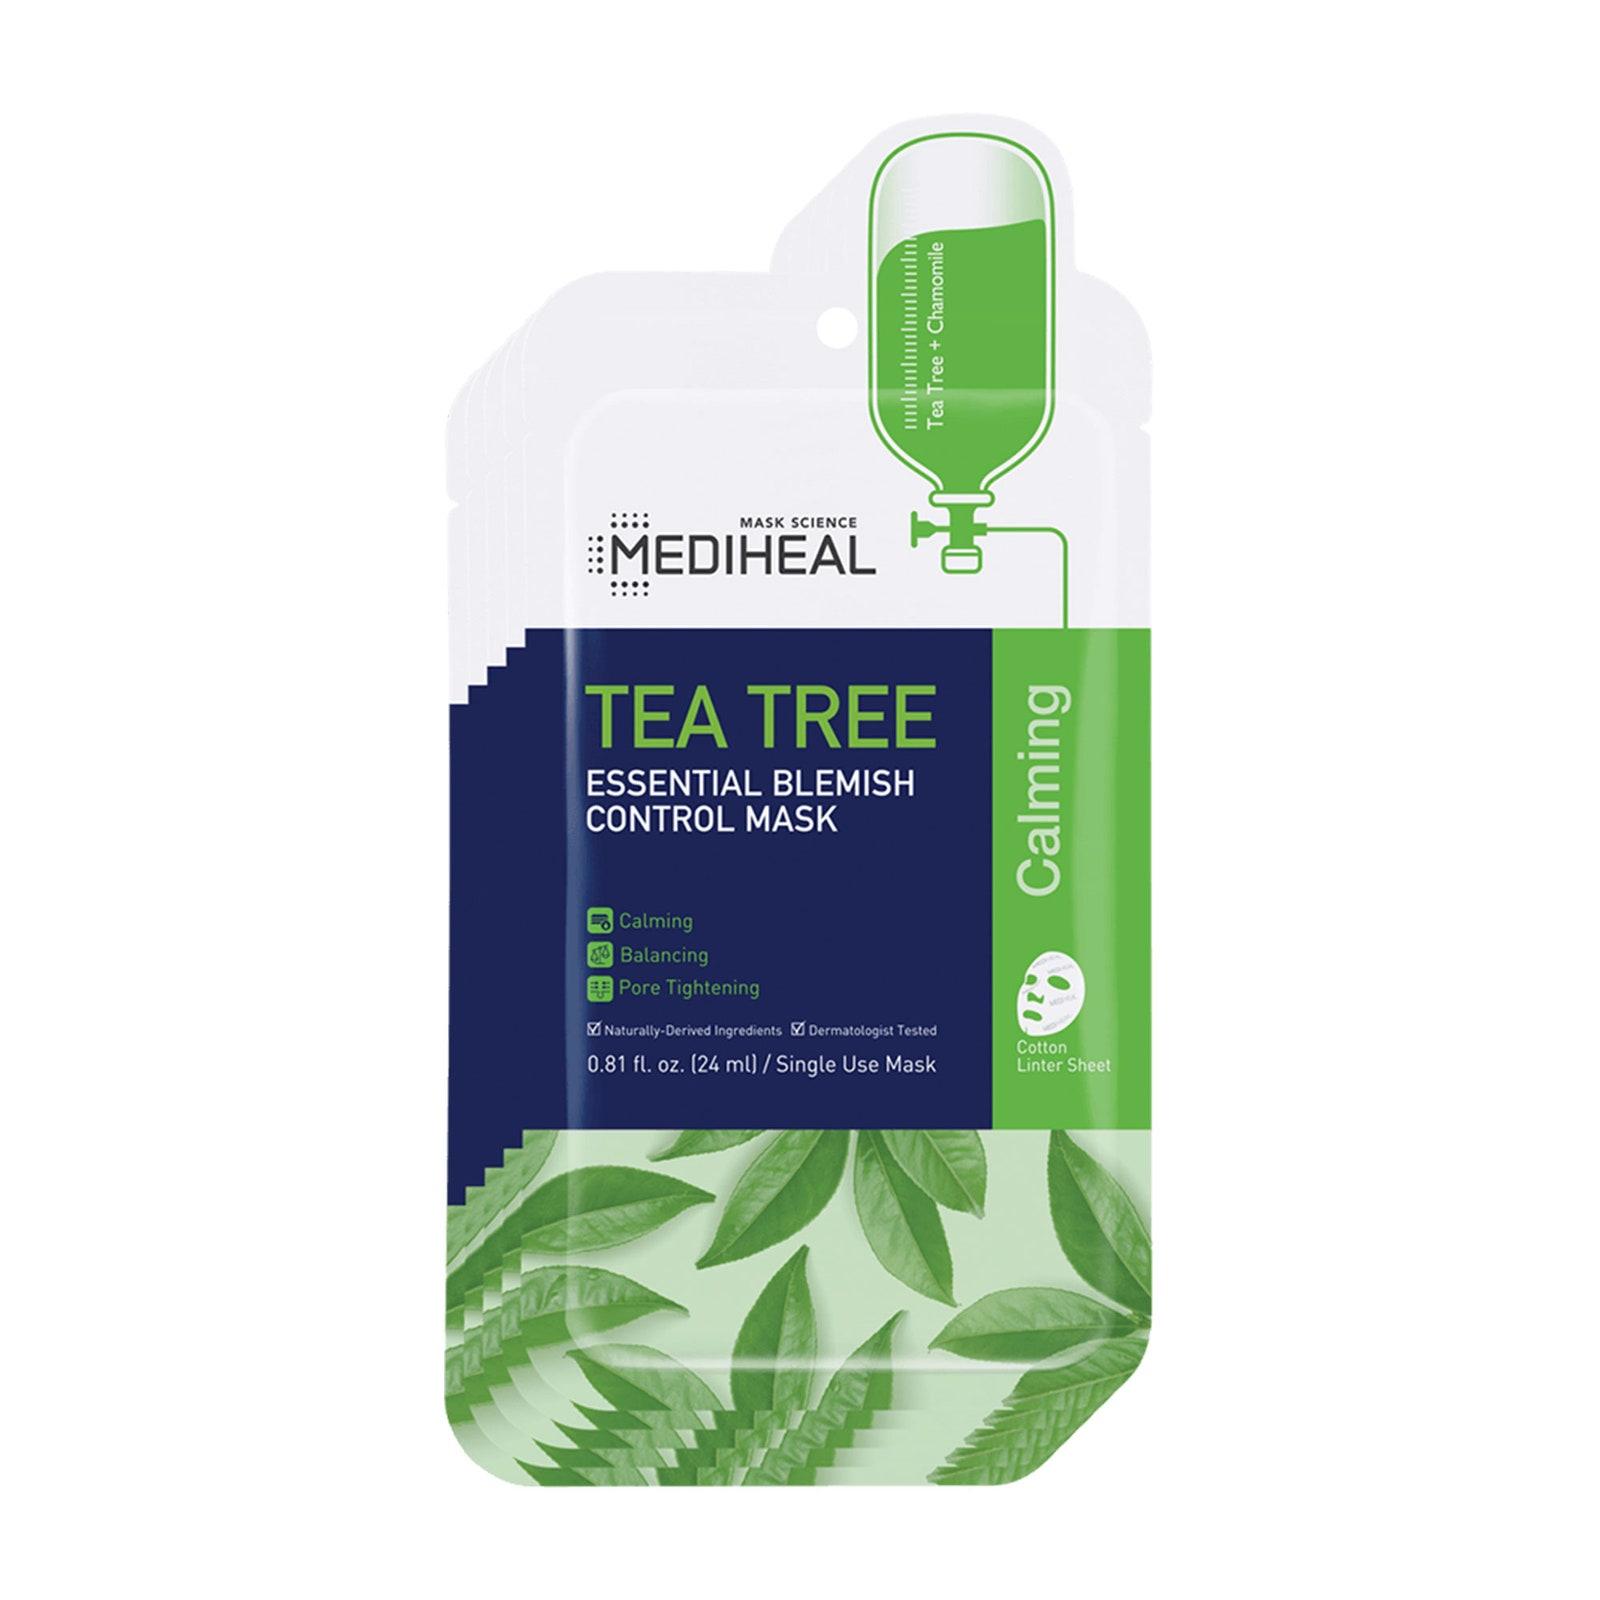 Mặt nạ Mediheal Tea Tree Essential Blemish Control Mask (giá 50.000 đồng): Đây là loại mặt nạ nổi tiếng ở Seoul đến mức nó thậm chí còn coi các thành viên của BTS là fan hâm mộ. Tại Hoa Kỳ, bác sĩ da liễu Y. Claire Chang có trụ sở tại Thành phố New York đã tìm cách giúp cấp ẩm, làm dịu và tẩy tế bào chết cho làn da của cô ấy với liều lượng khổng lồ của dầu cây trà kháng khuẩn, vỏ cây liễu thông thoáng lỗ chân lông, hay còn gọi là axit salicylic, và làm sáng ascorbyl tetraisopalmitate, là một dẫn xuất của vitamin C.